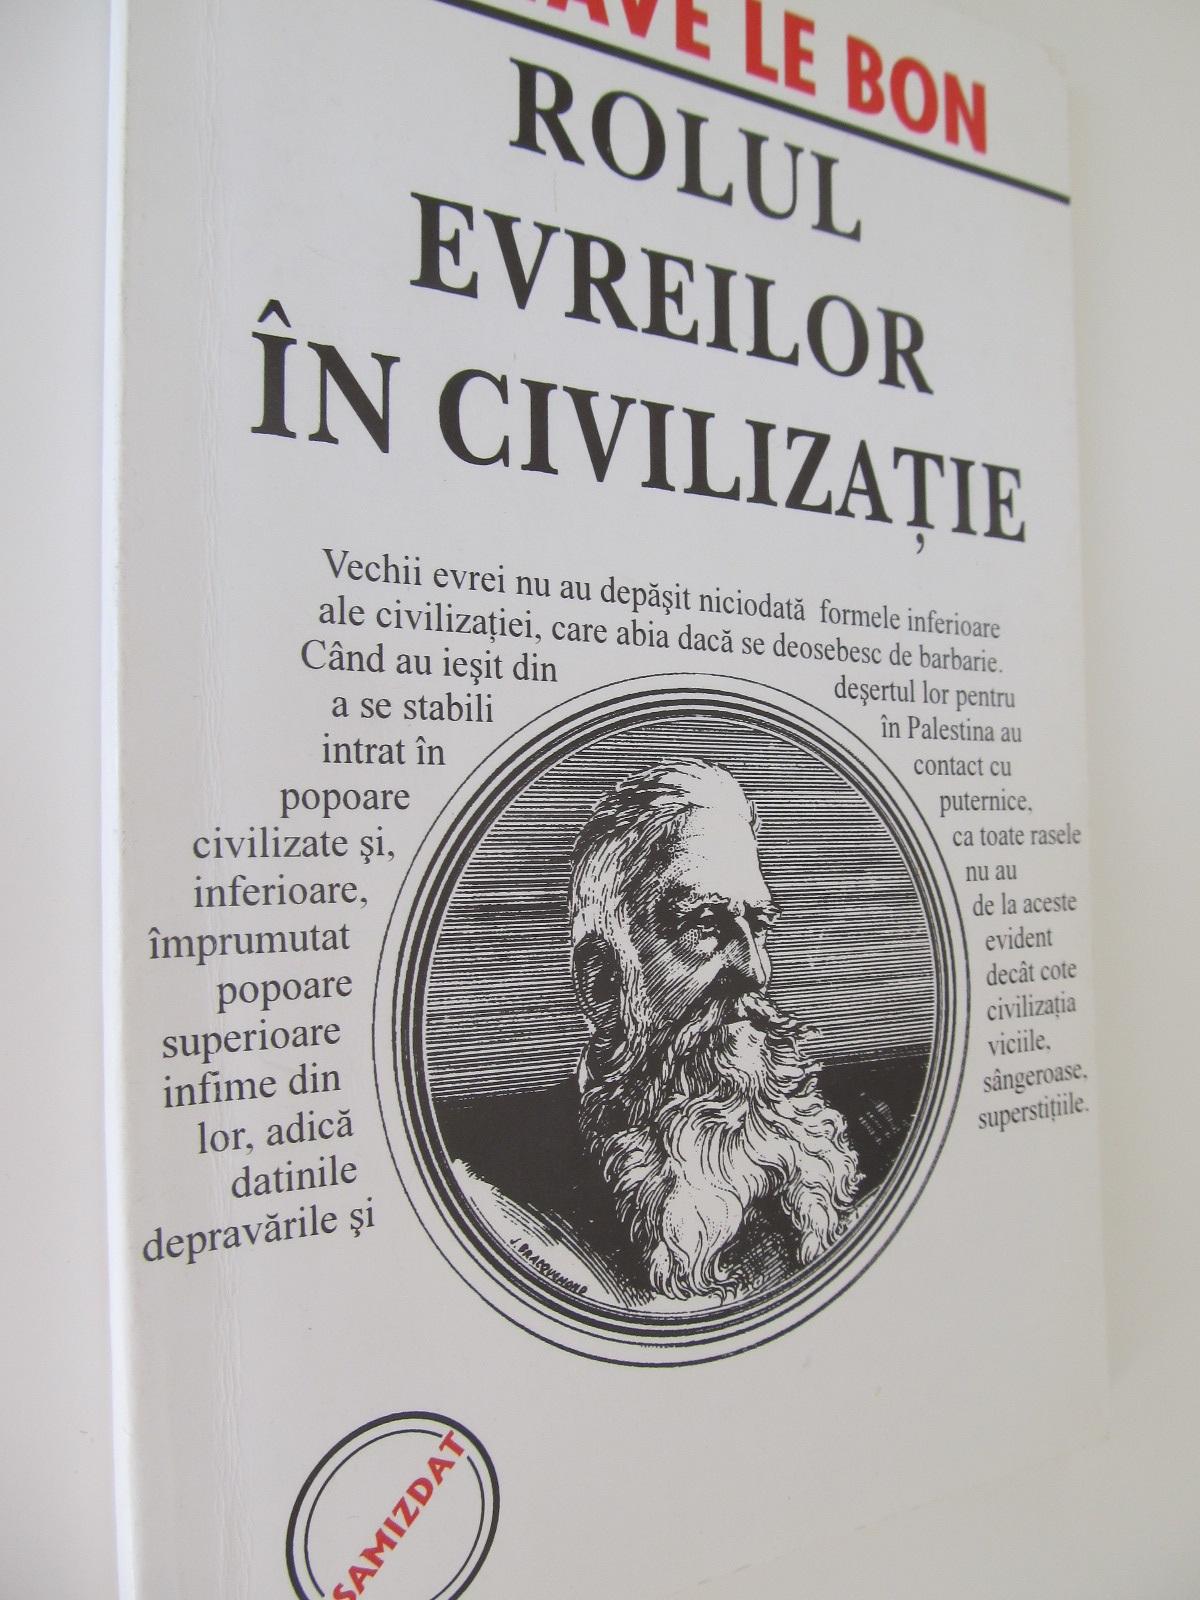 Rolul evreilor in civilizatie - Gustave Le Bon | Detalii carte